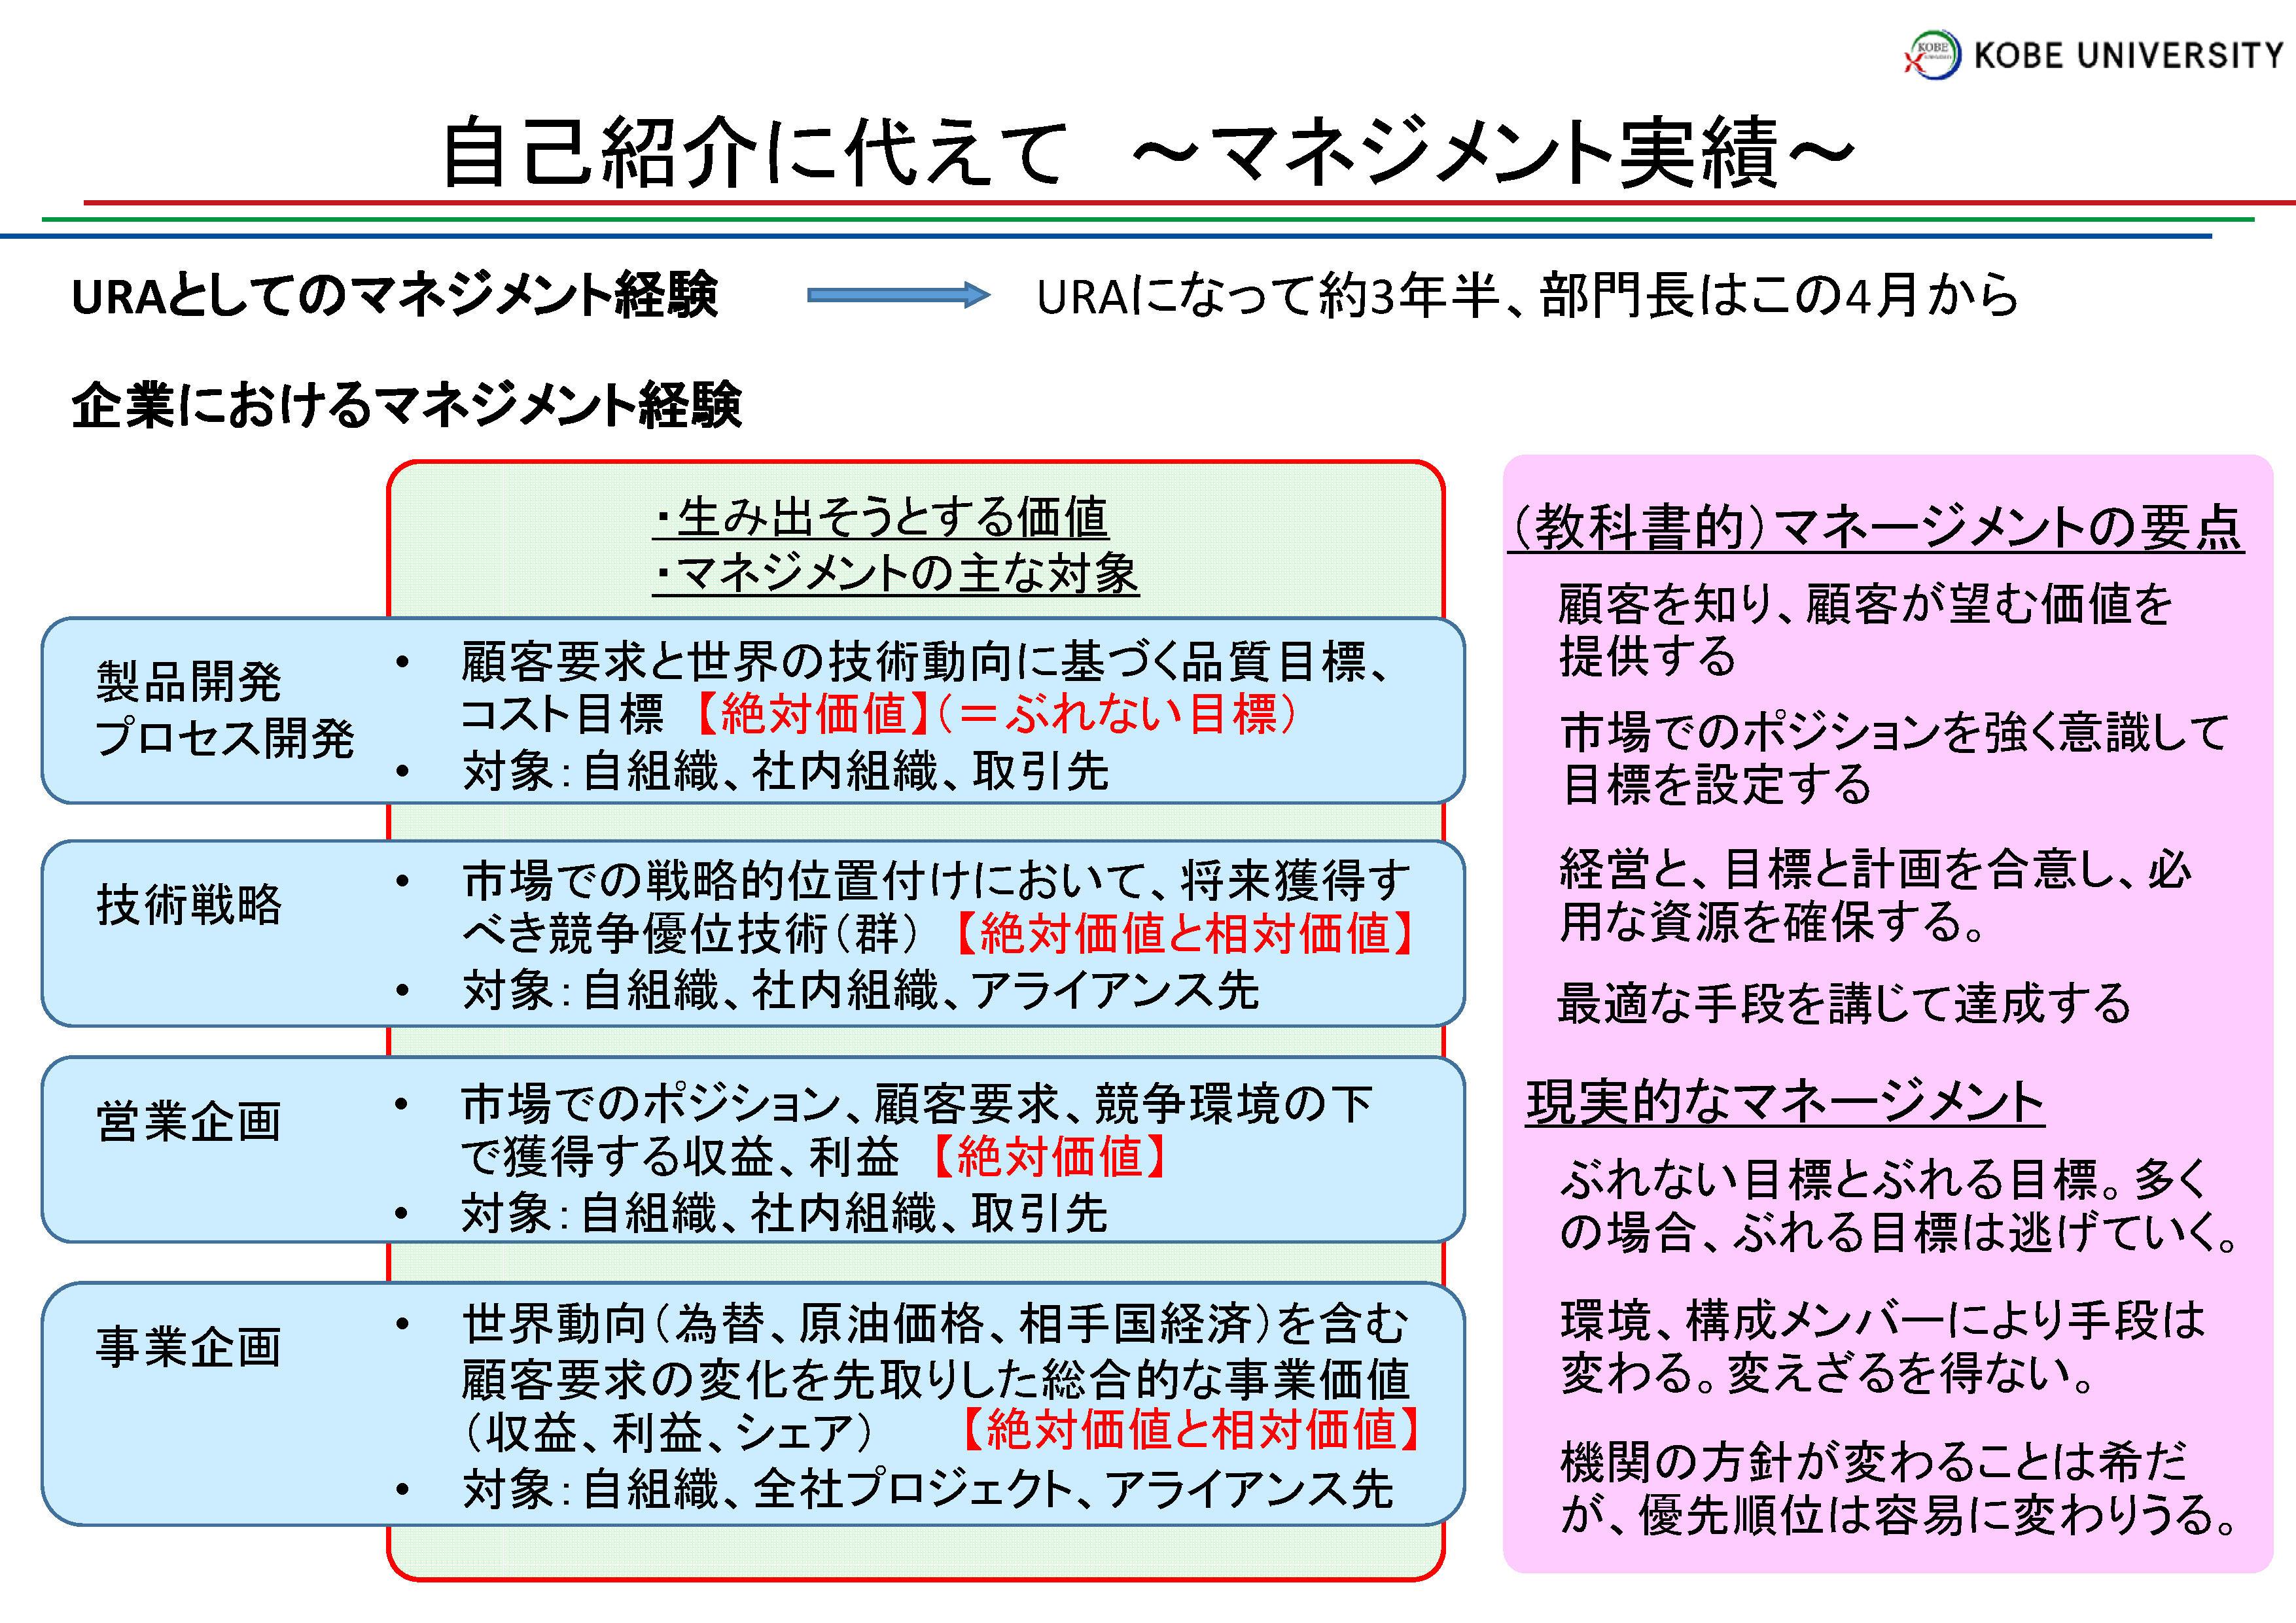 吉田氏講演資料2